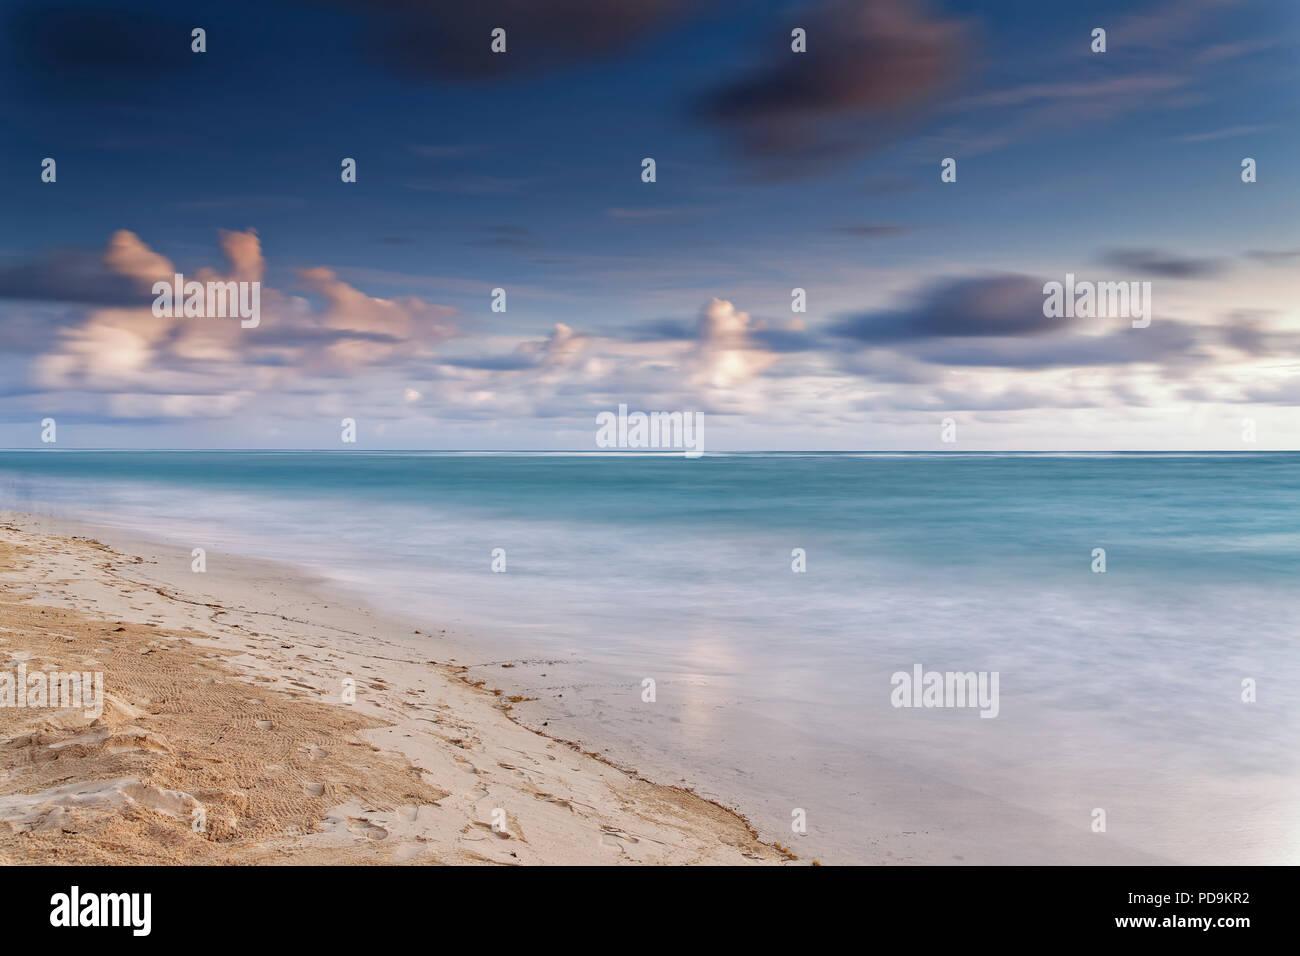 Spiaggia di sabbia, mare con cielo nuvoloso, Playa Bavaro, Oceano Atlantico, Punta Cana Repubblica Dominicana Immagini Stock